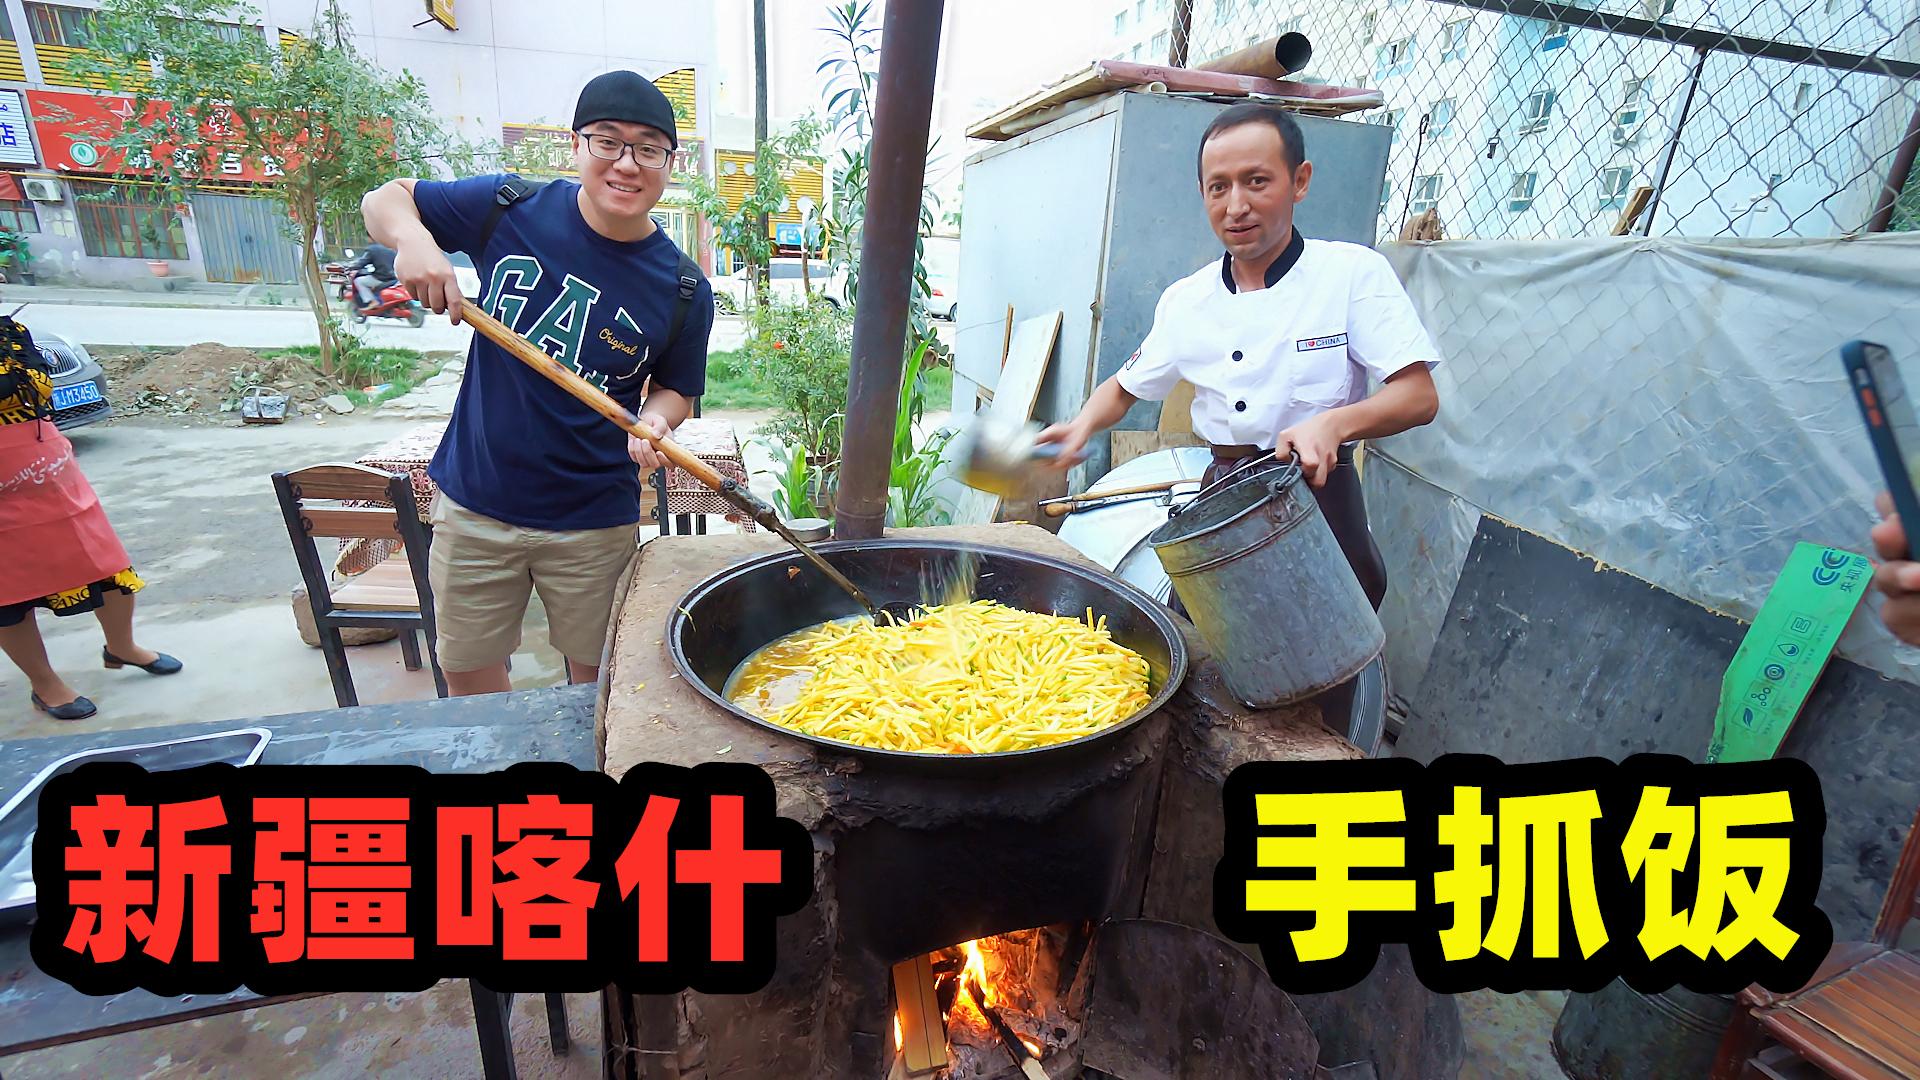 新疆喀什手抓饭,大铁锅柴火焖饭,10元大块羊肉,阿星用手抓着吃